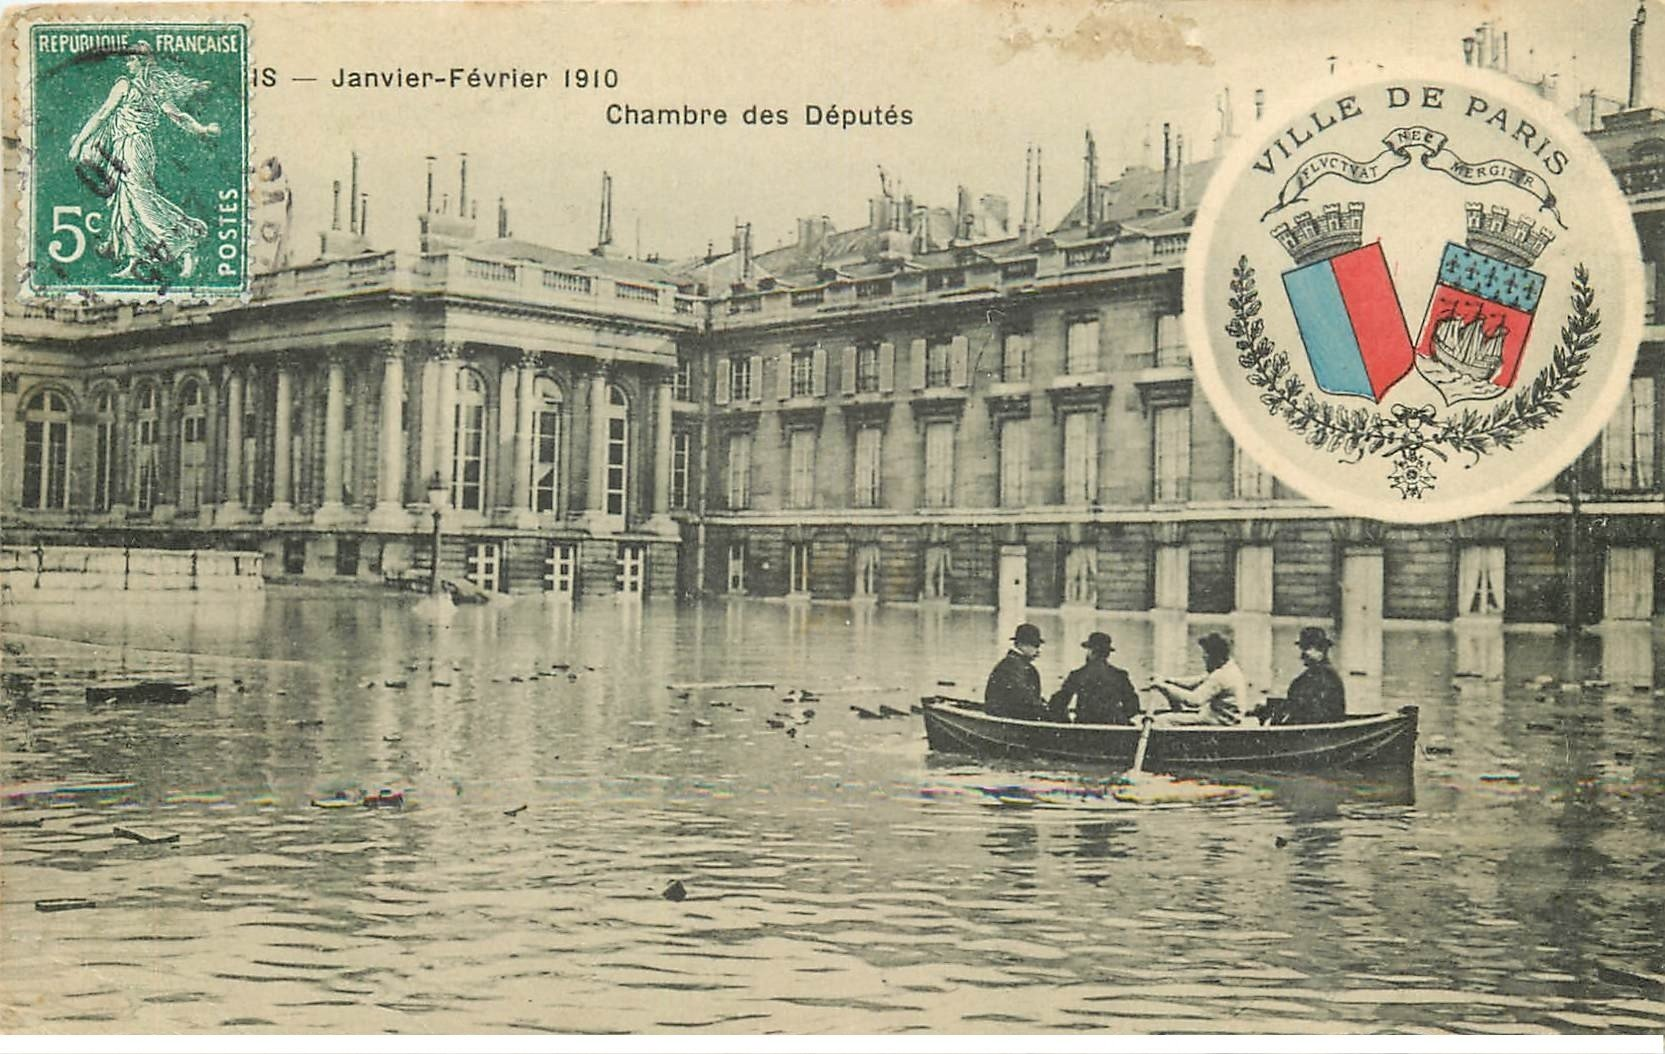 carte postale ancienne Inondation et Crue de PARIS 1910. Chambre des Députés. Edition B.G